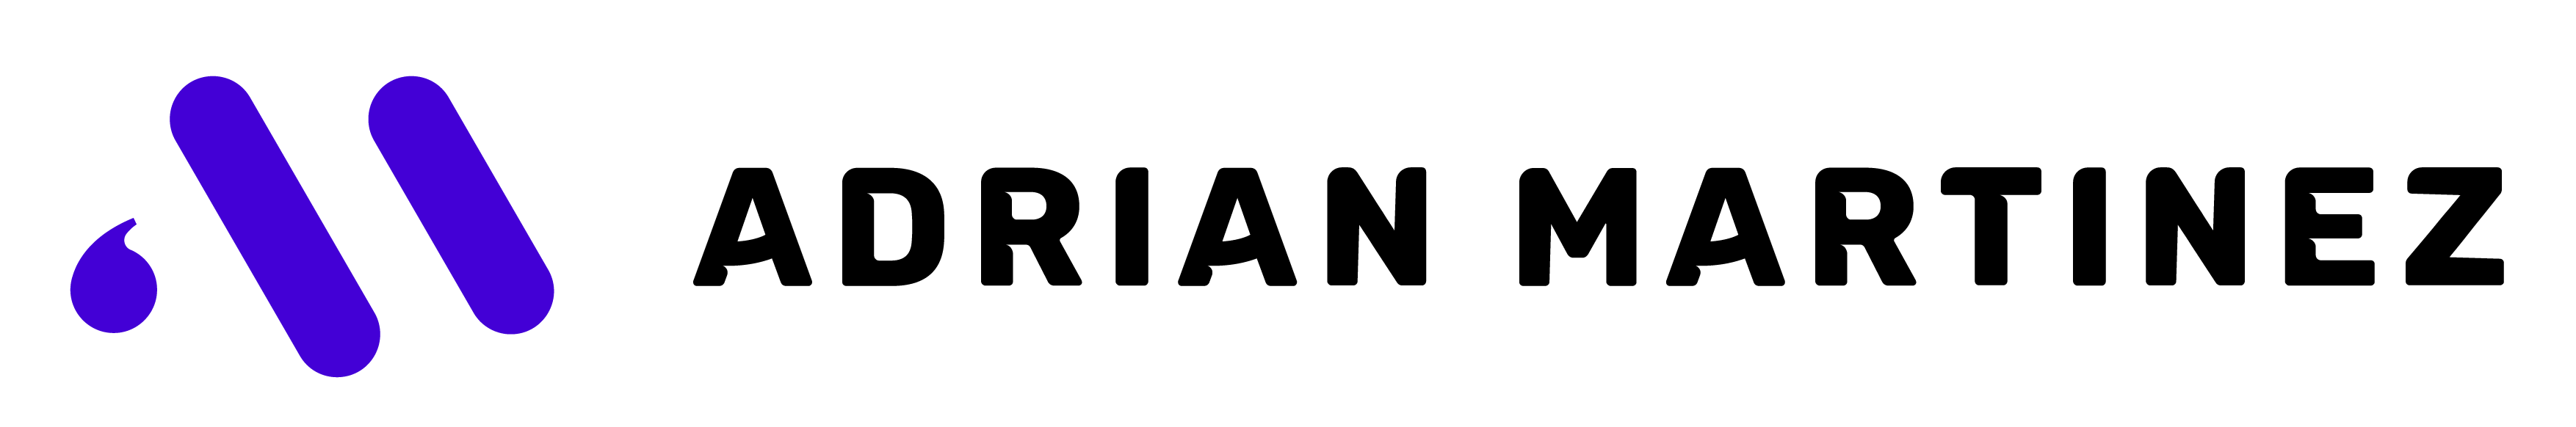 Adrian_Martinez_logo_RGB-01